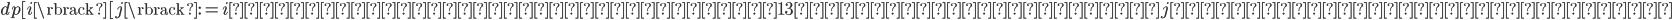 dp[i\rbrack[j\rbrack := i 番目の文字までみた時に、 13で割ったあまりが j になるような数の通り数